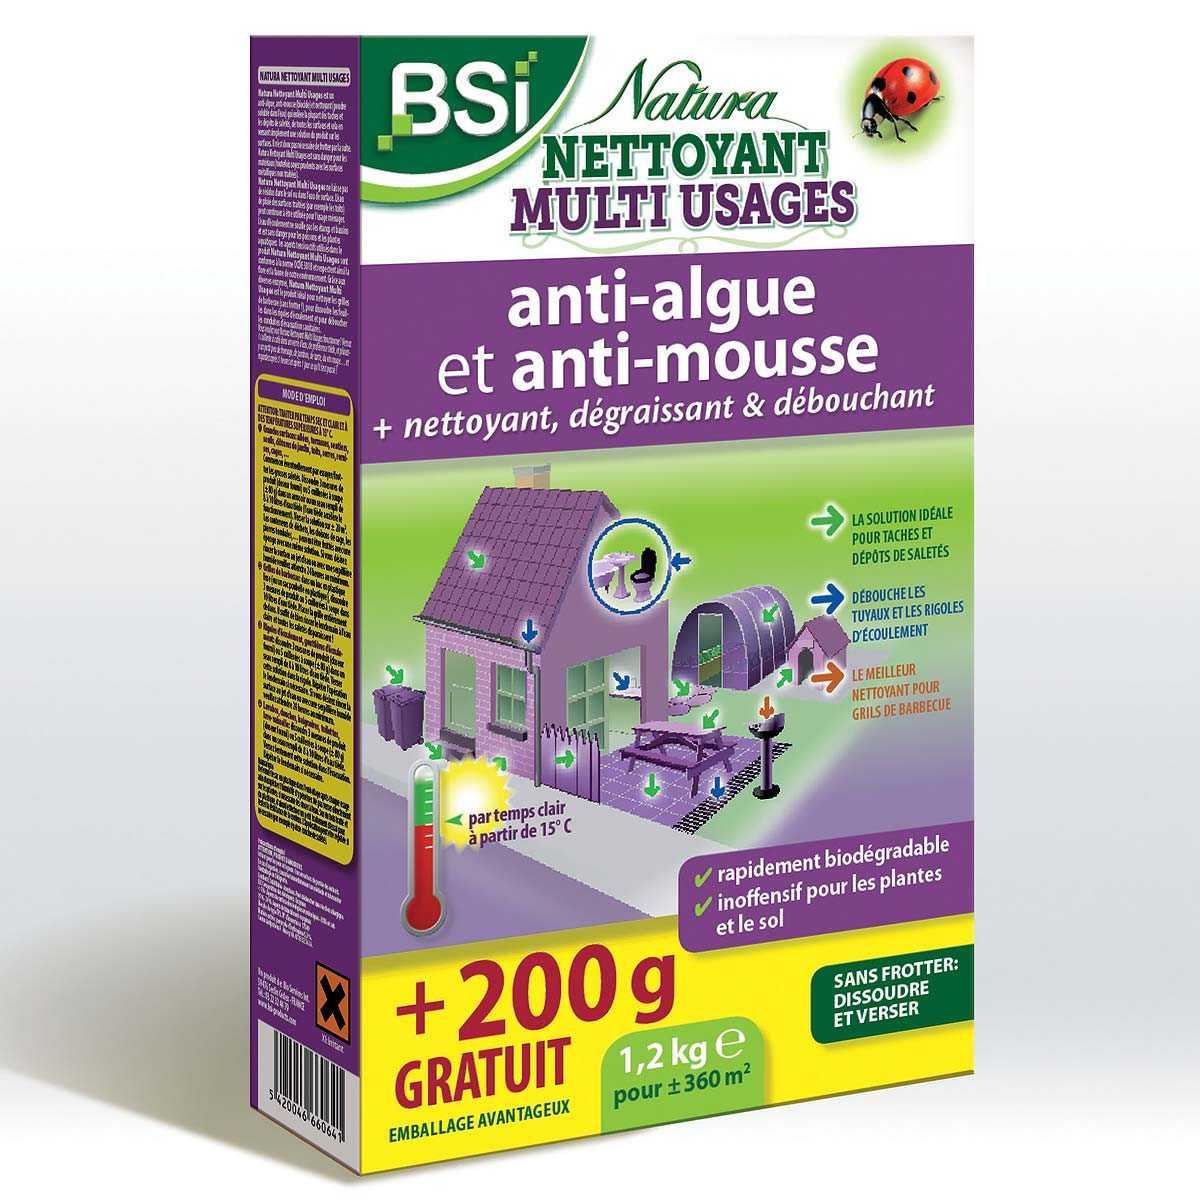 Anti Mousse Terrasse Beton natura, puissant nettoyant et antimousse 1kg + 200g gratuit